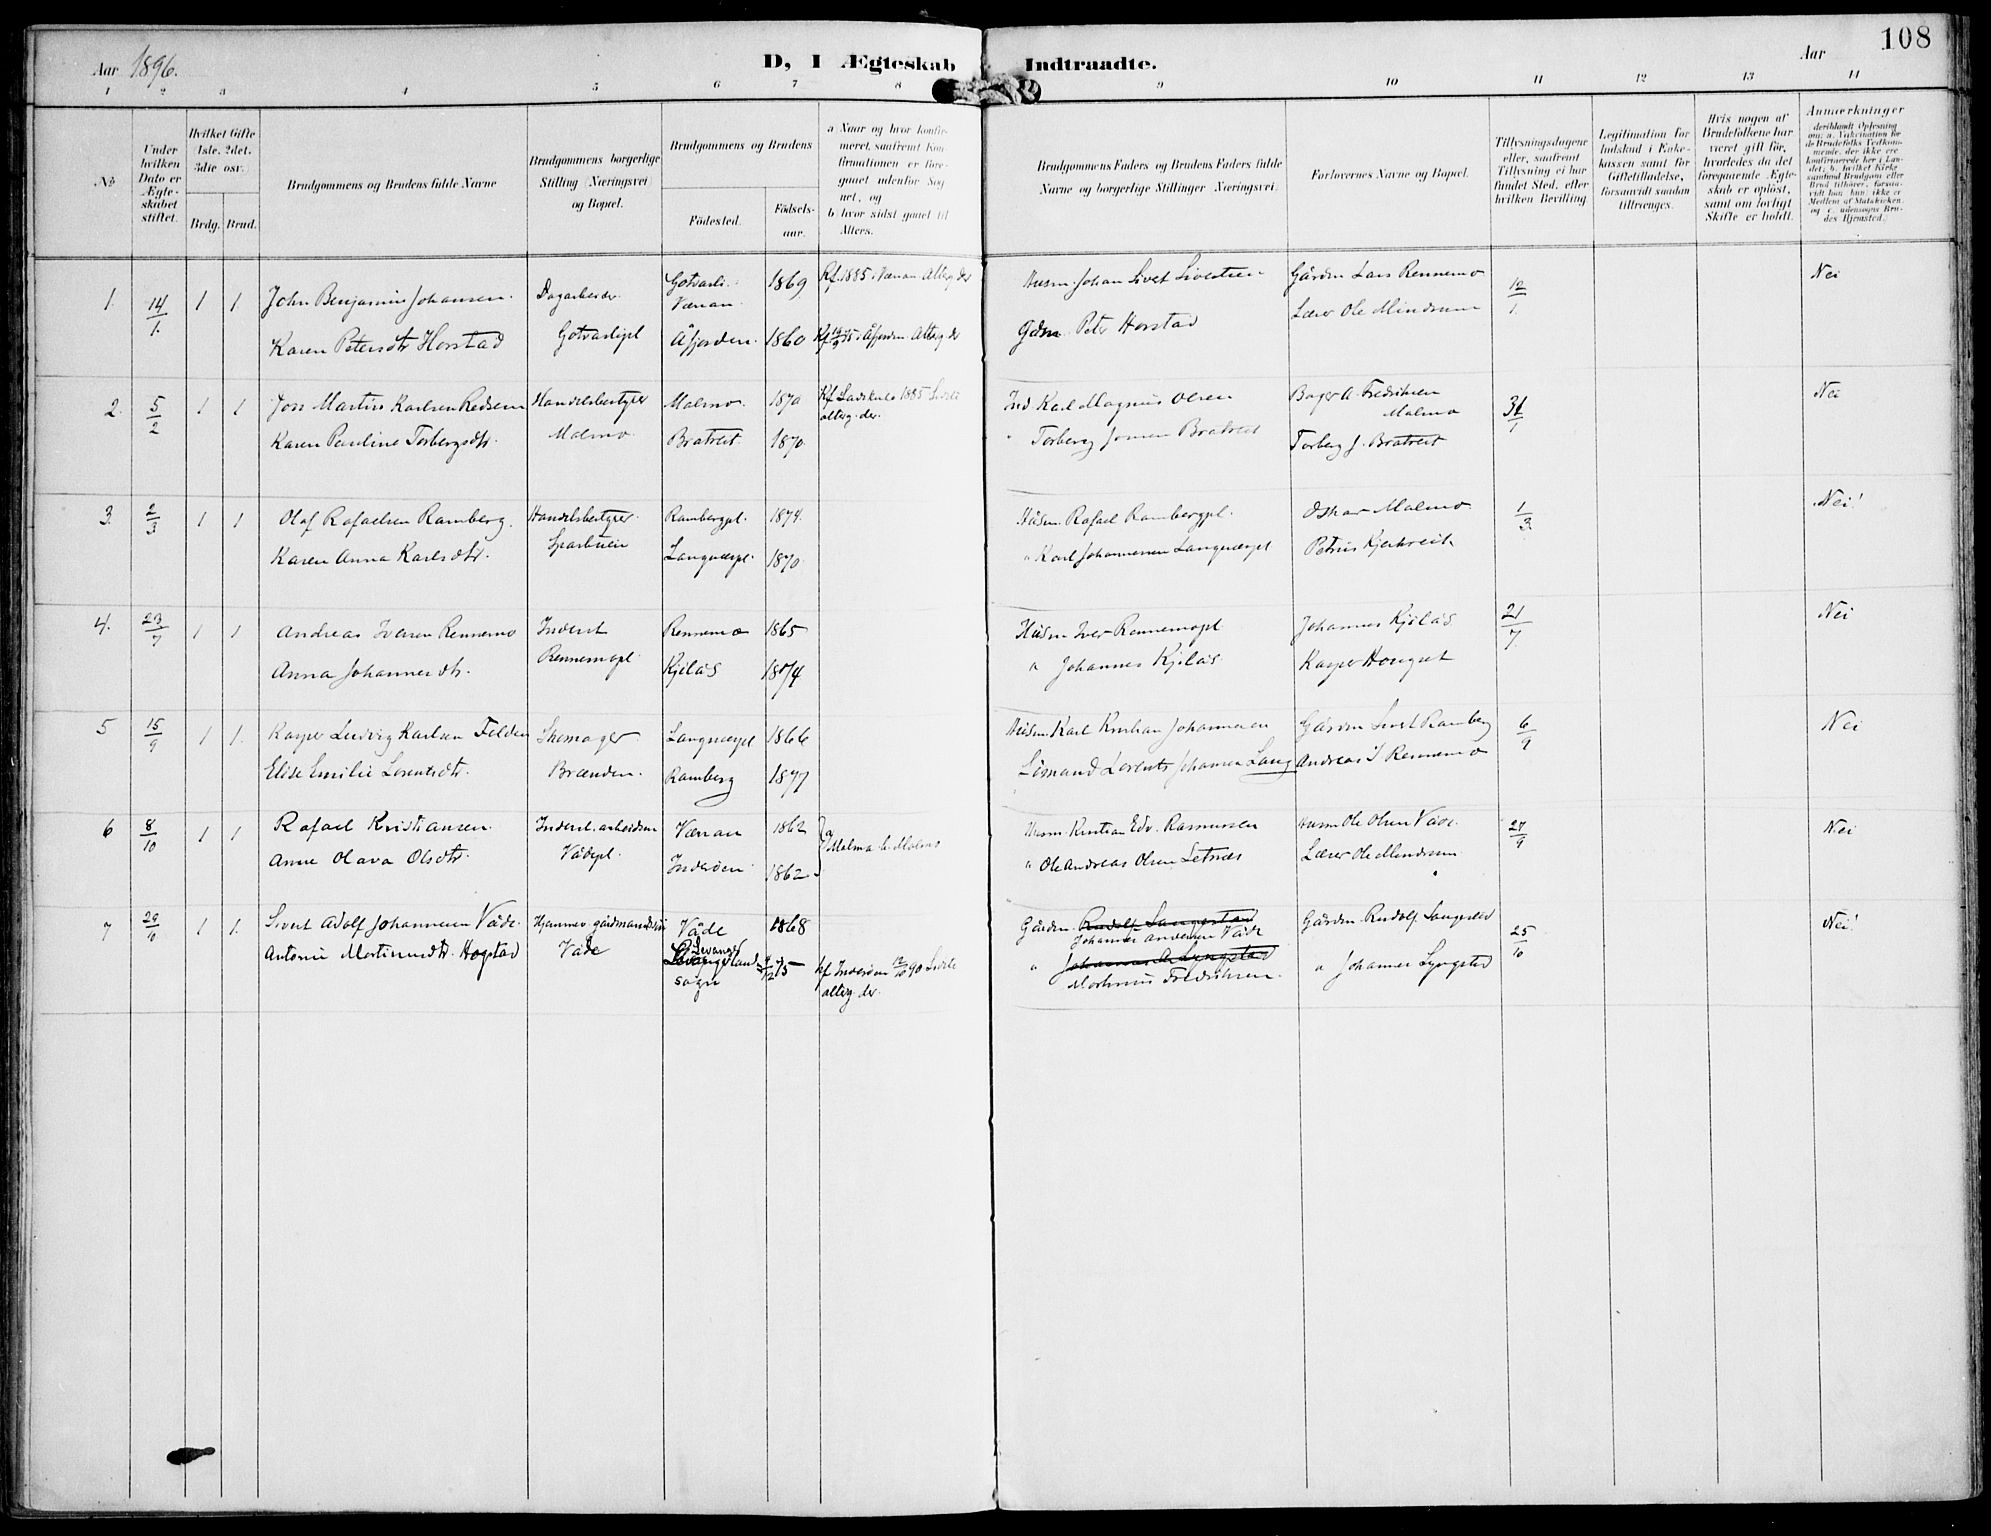 SAT, Ministerialprotokoller, klokkerbøker og fødselsregistre - Nord-Trøndelag, 745/L0430: Ministerialbok nr. 745A02, 1895-1913, s. 108